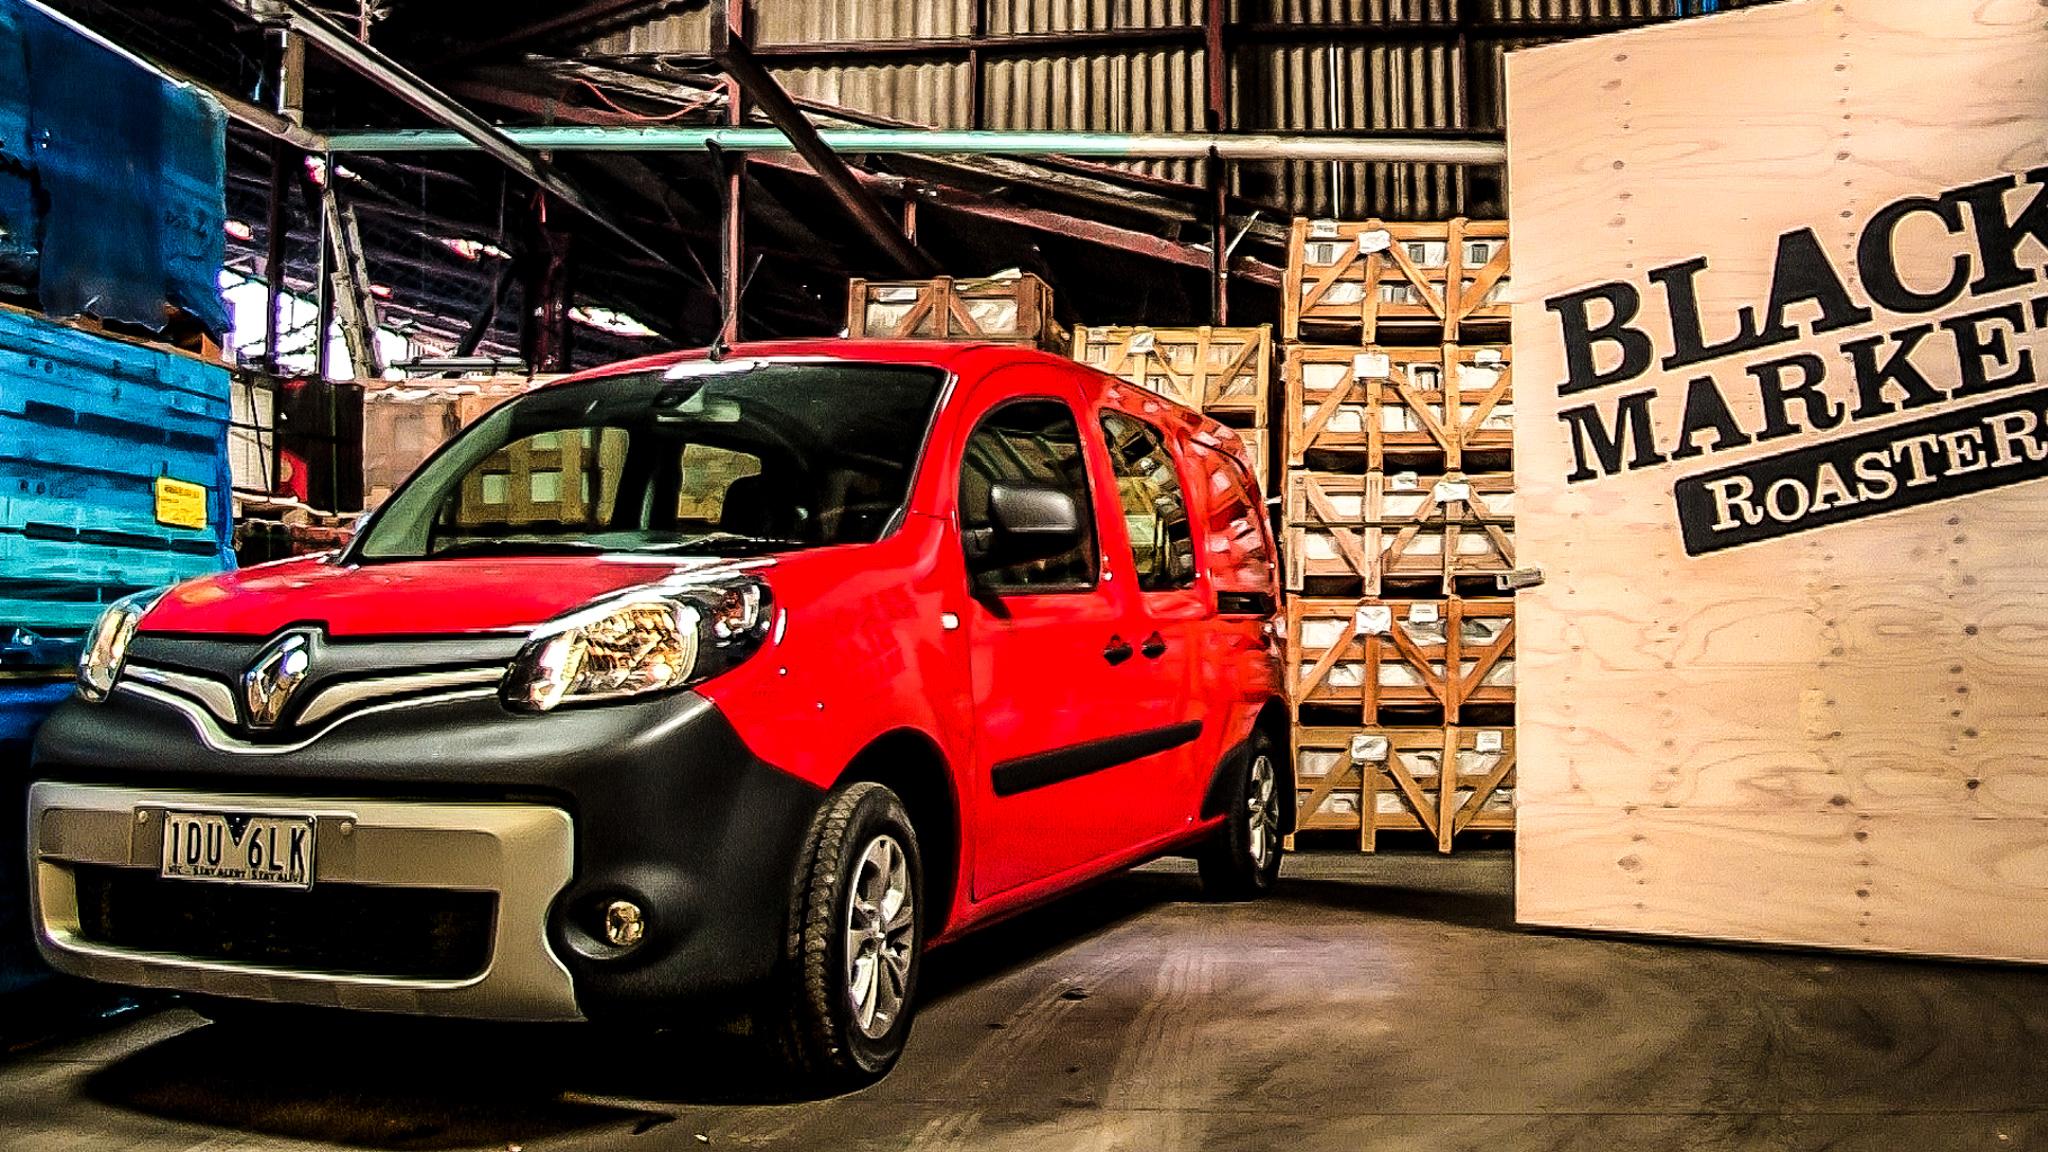 Renault Kangoo Crew Review: Black Market Roasters week with